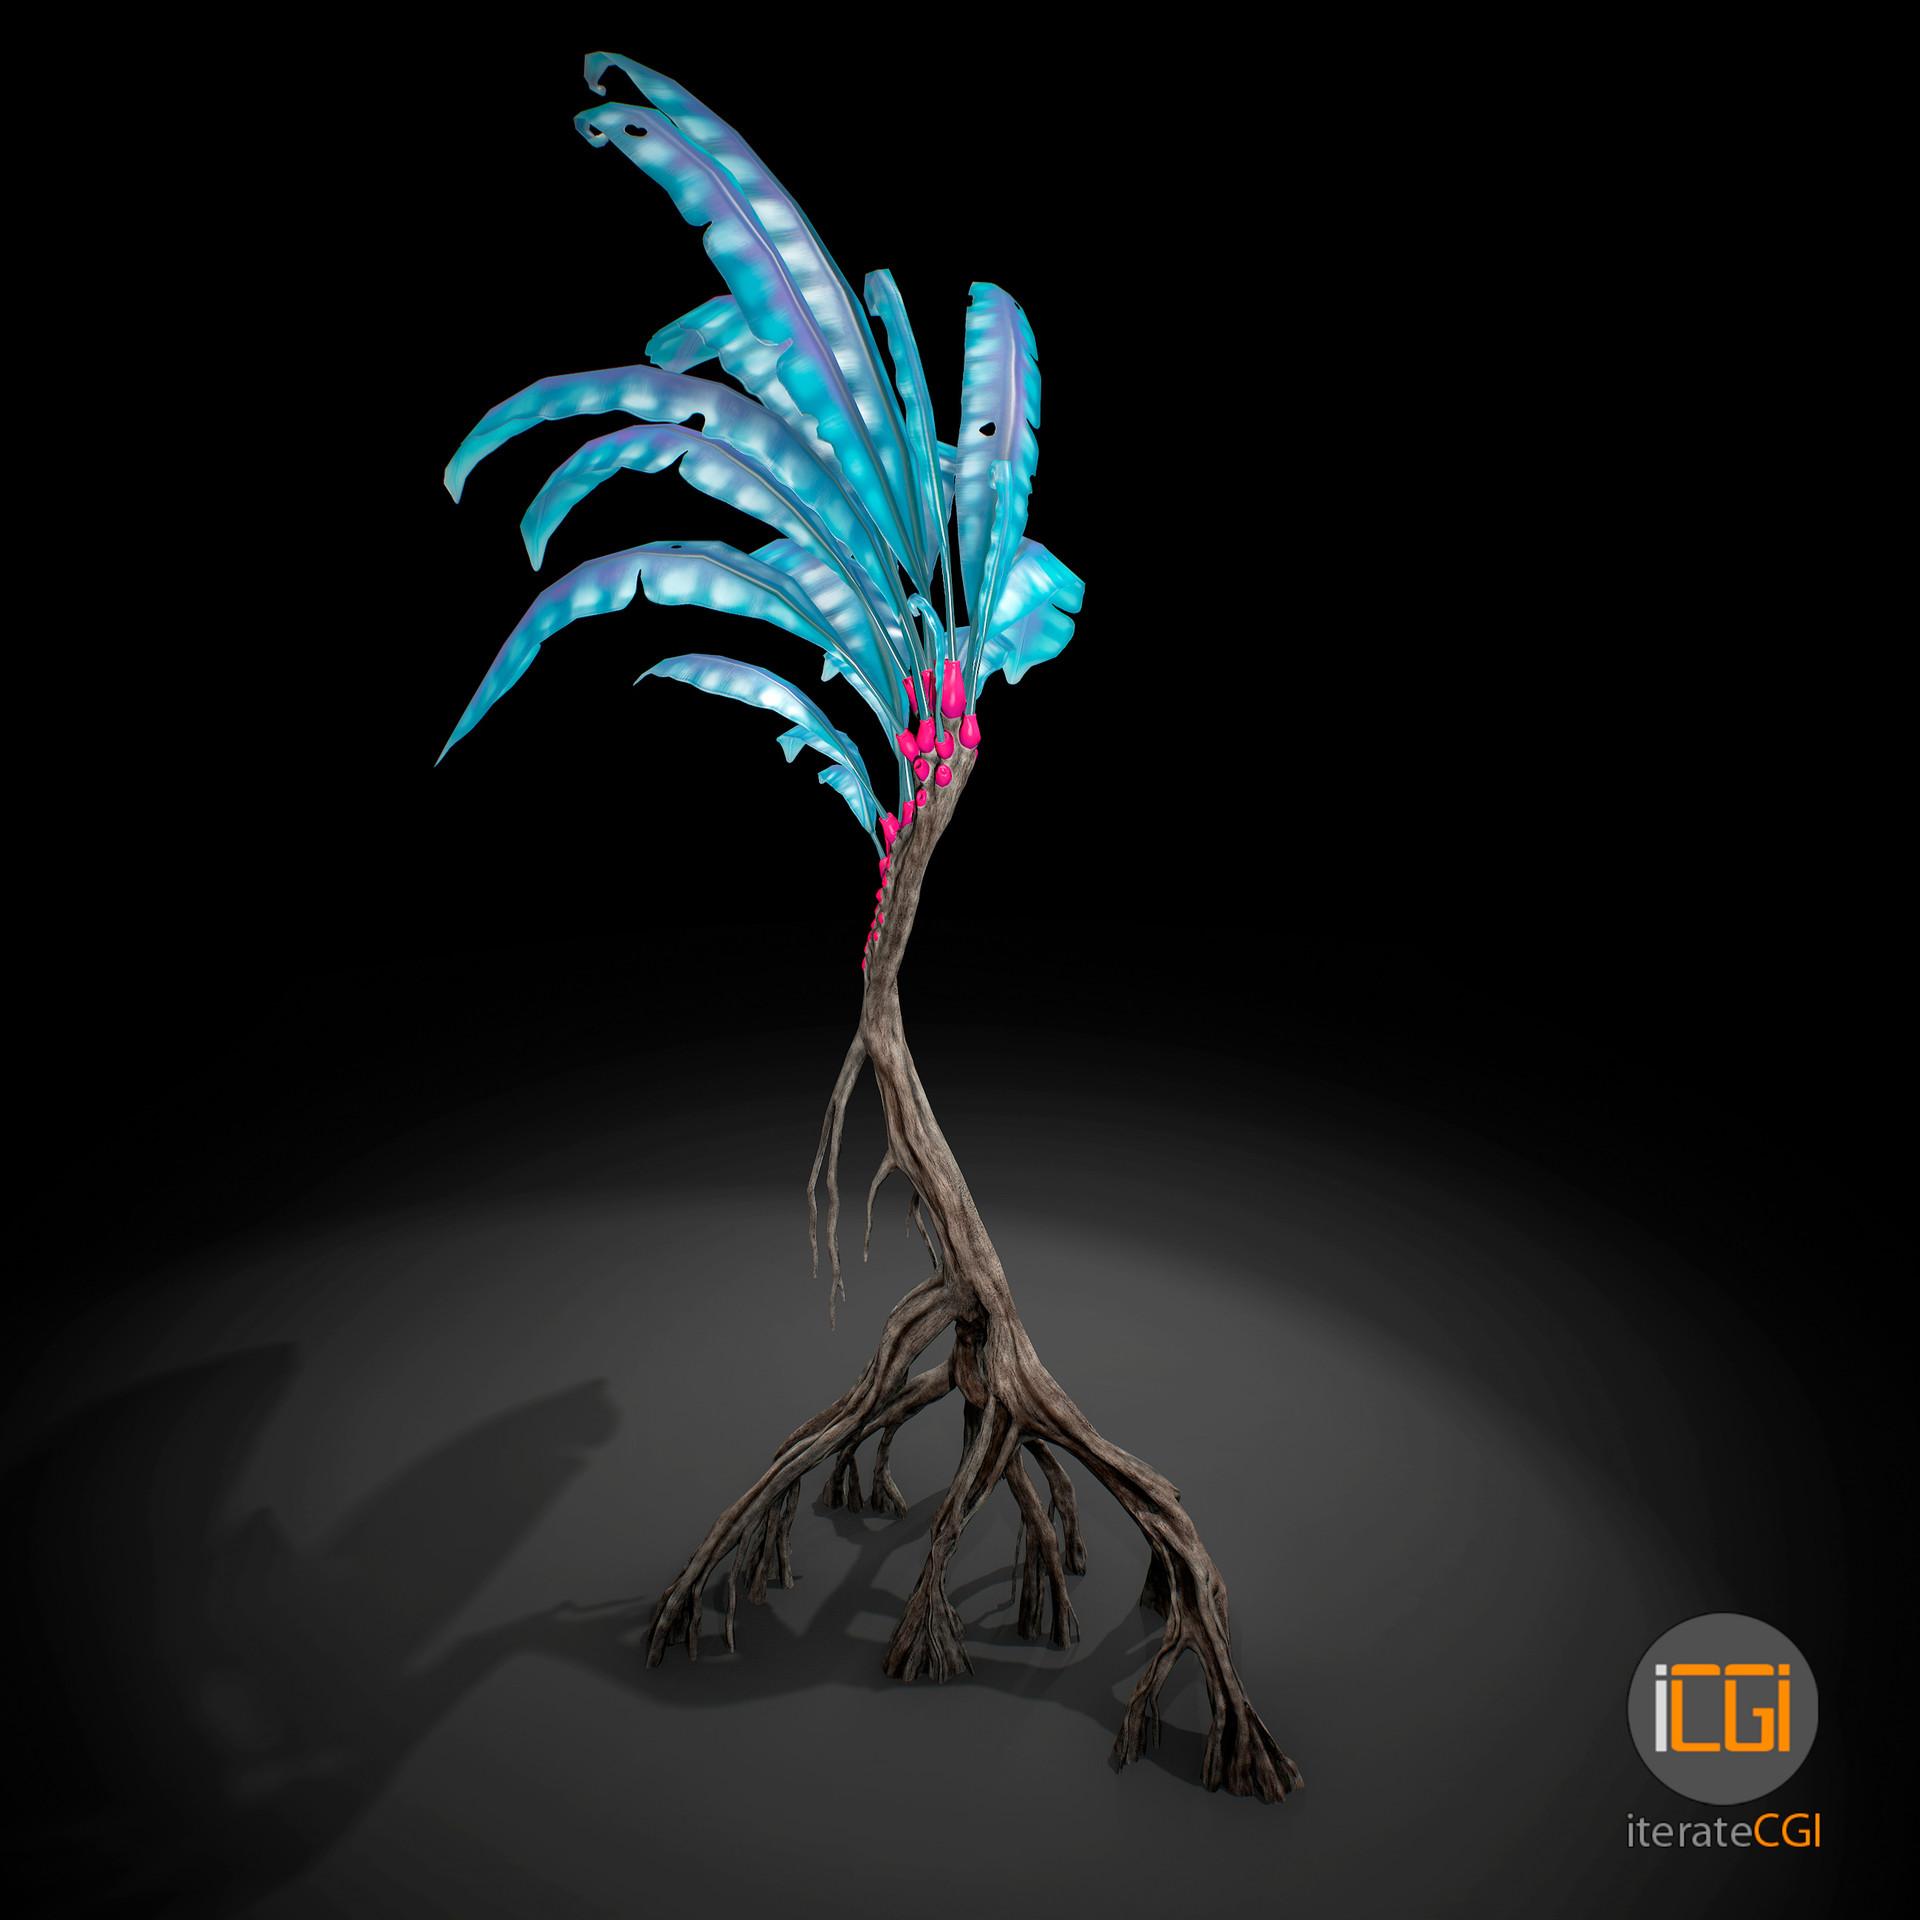 Johan de leenheer alien plant 13 12